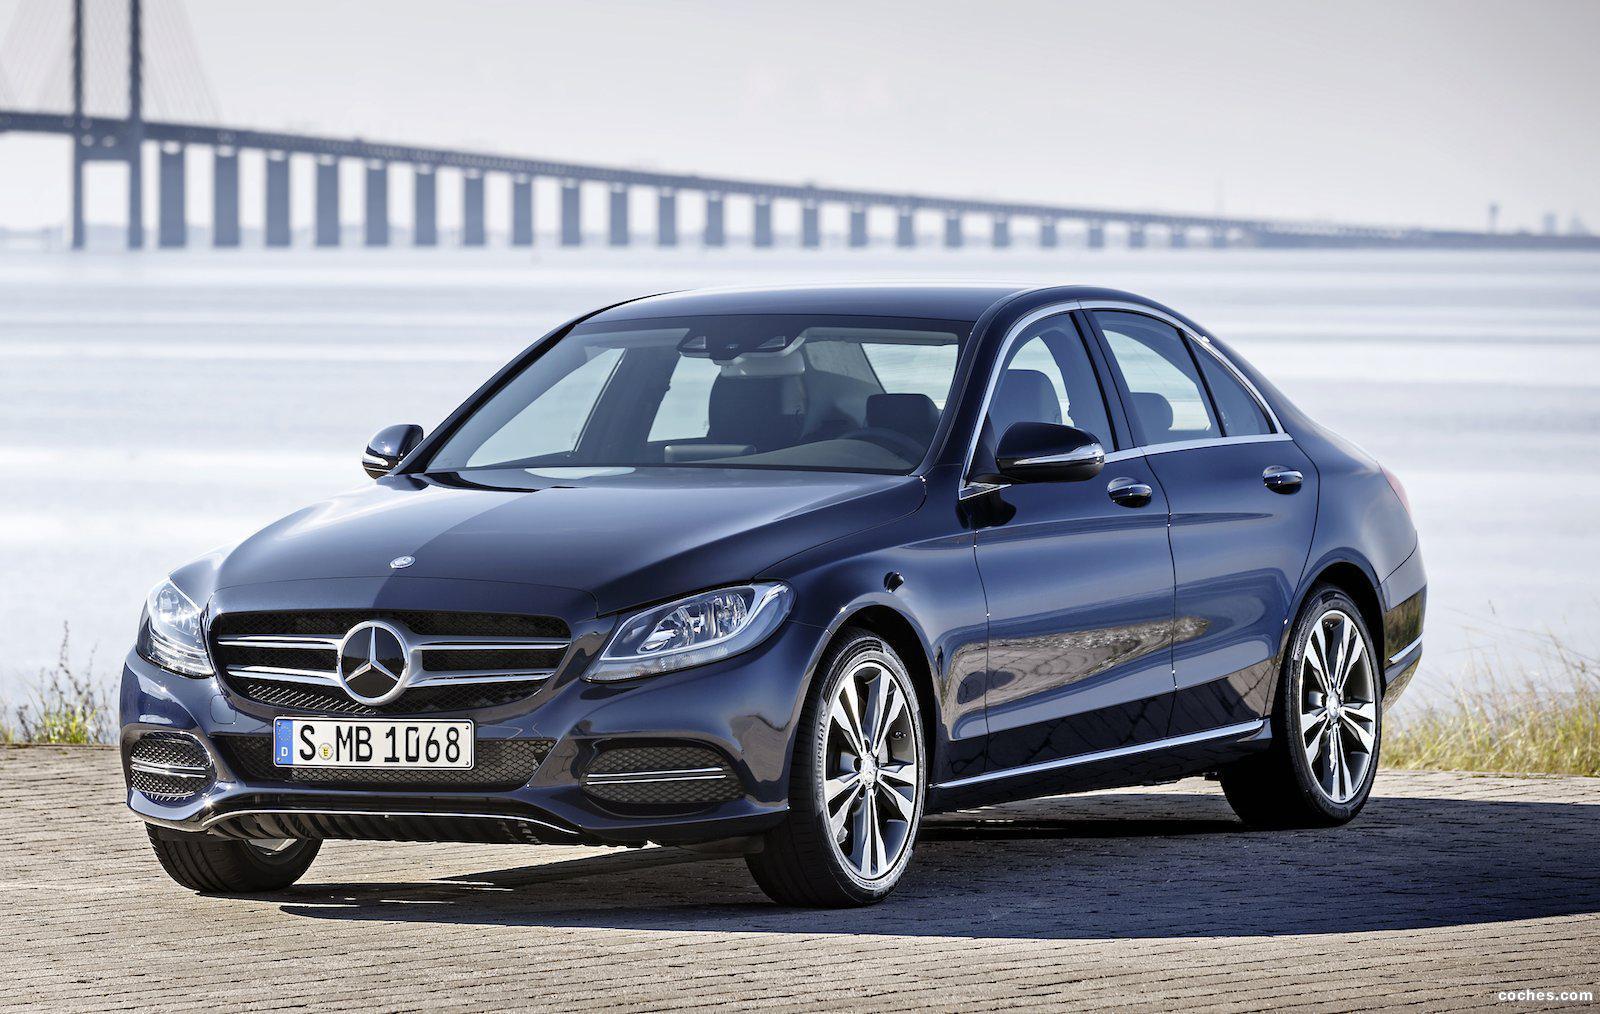 Foto 0 de Mercedes Clase C 350e 2015